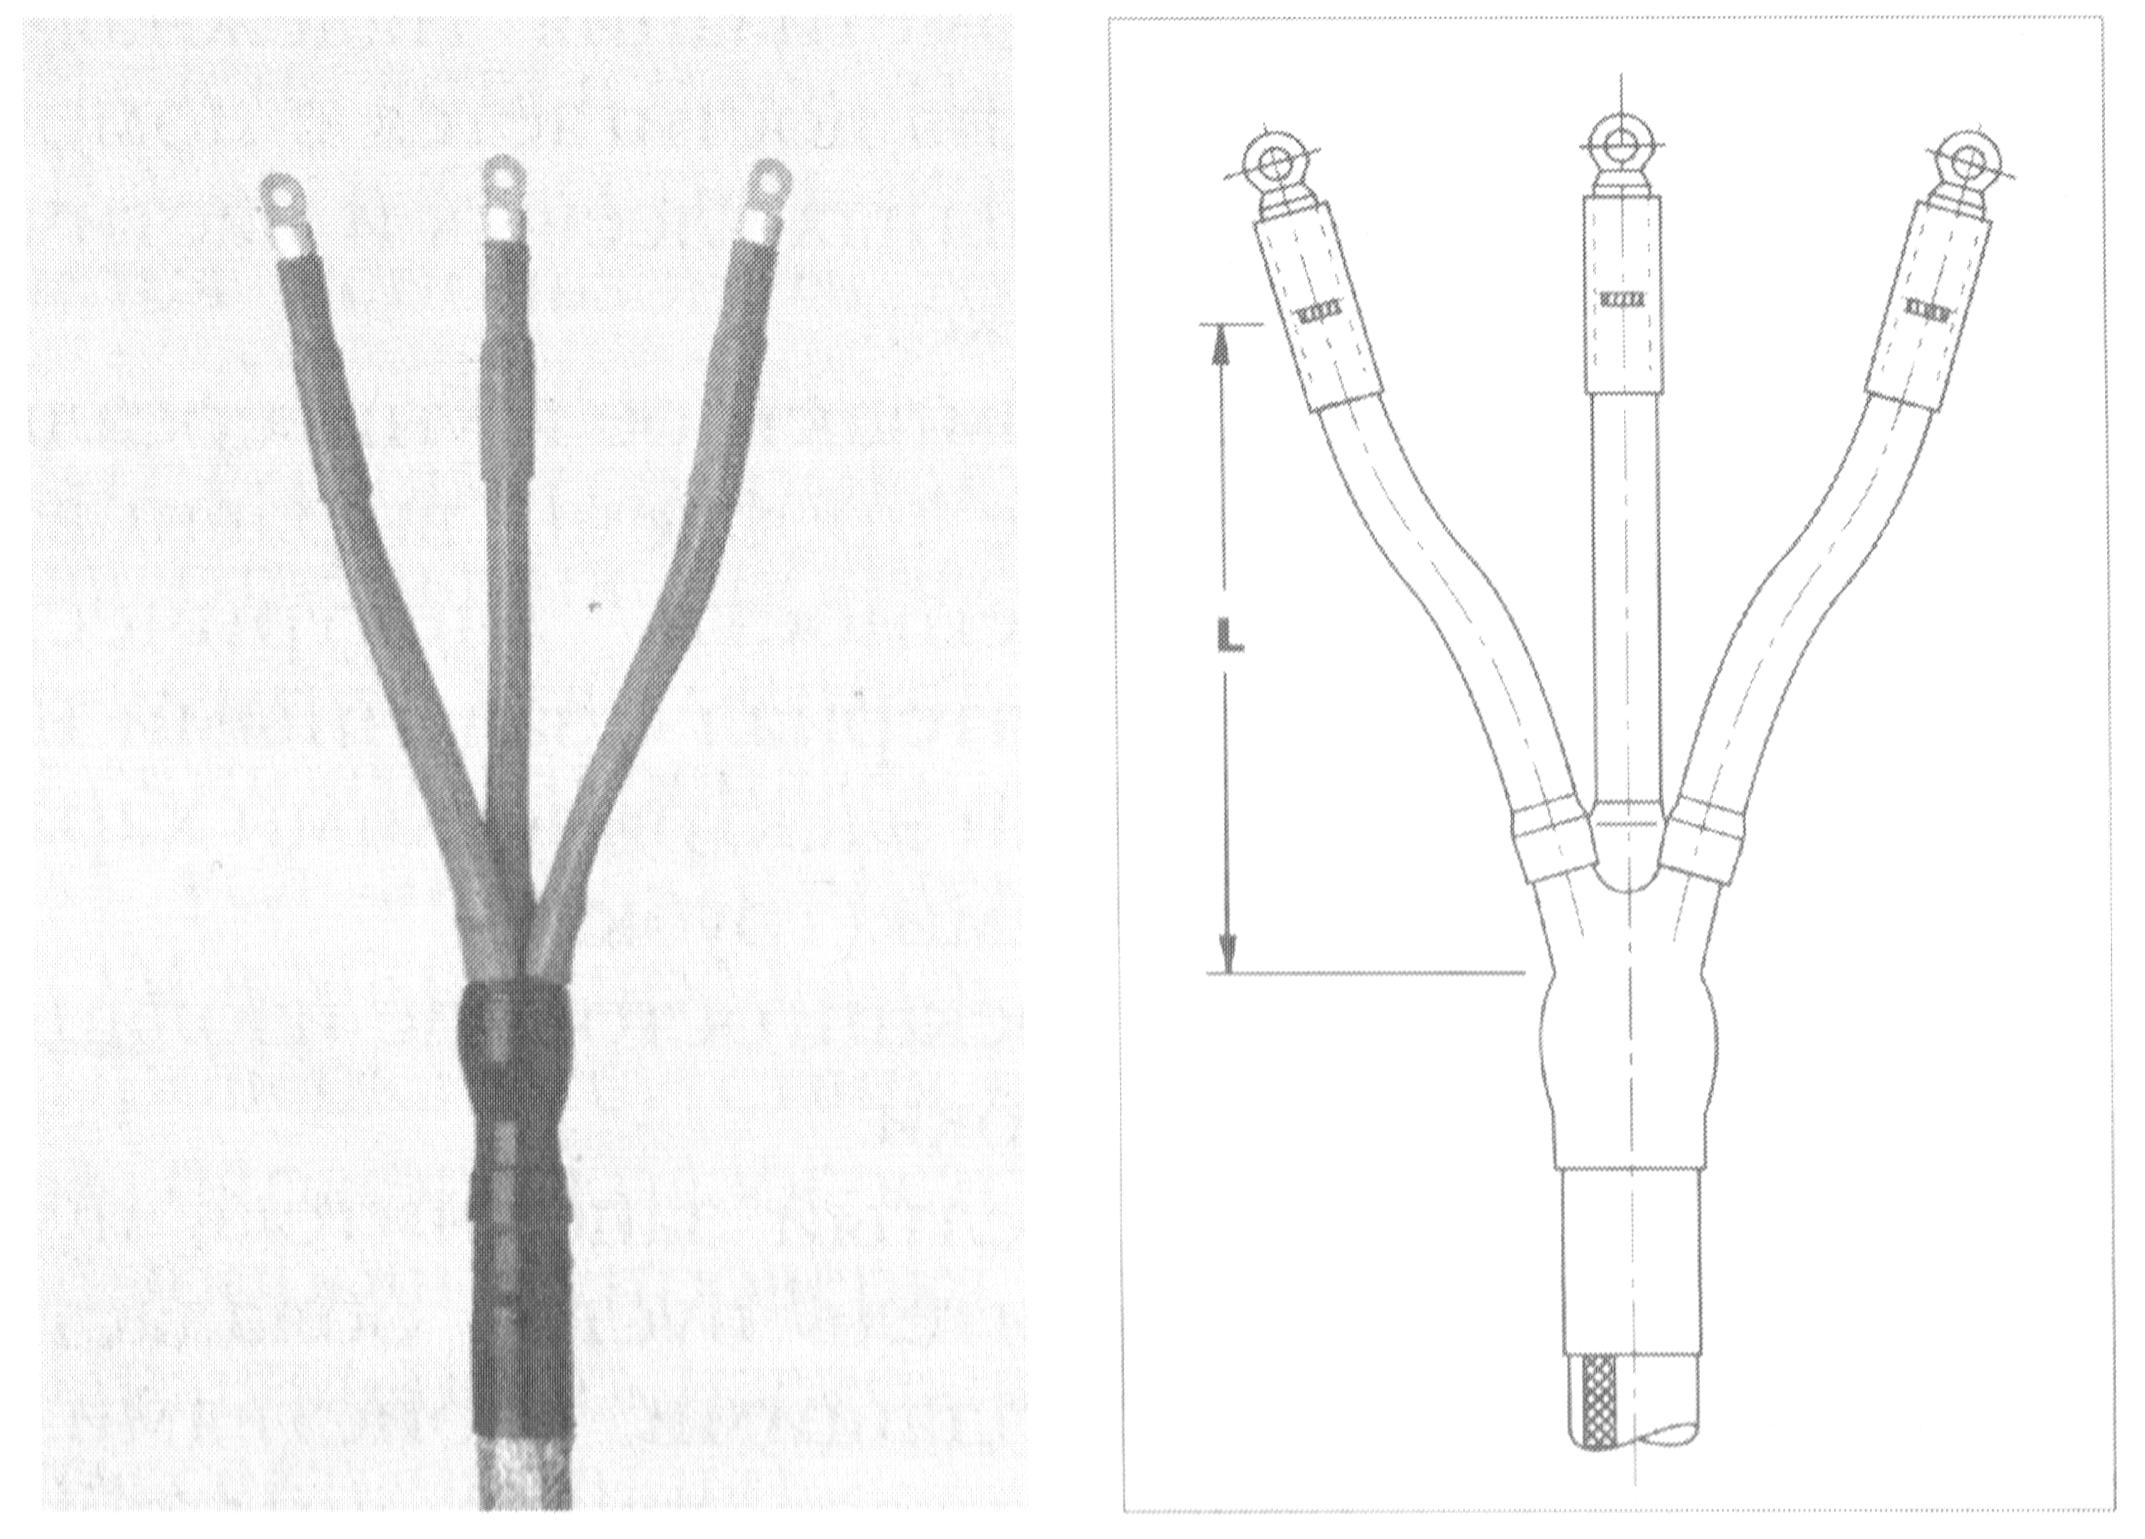 Концевая муфта внутренней установки для 3-х жильных кабелей с бумажной изоляцией и общей оболочкой на напряжение 6 и 10 кВ